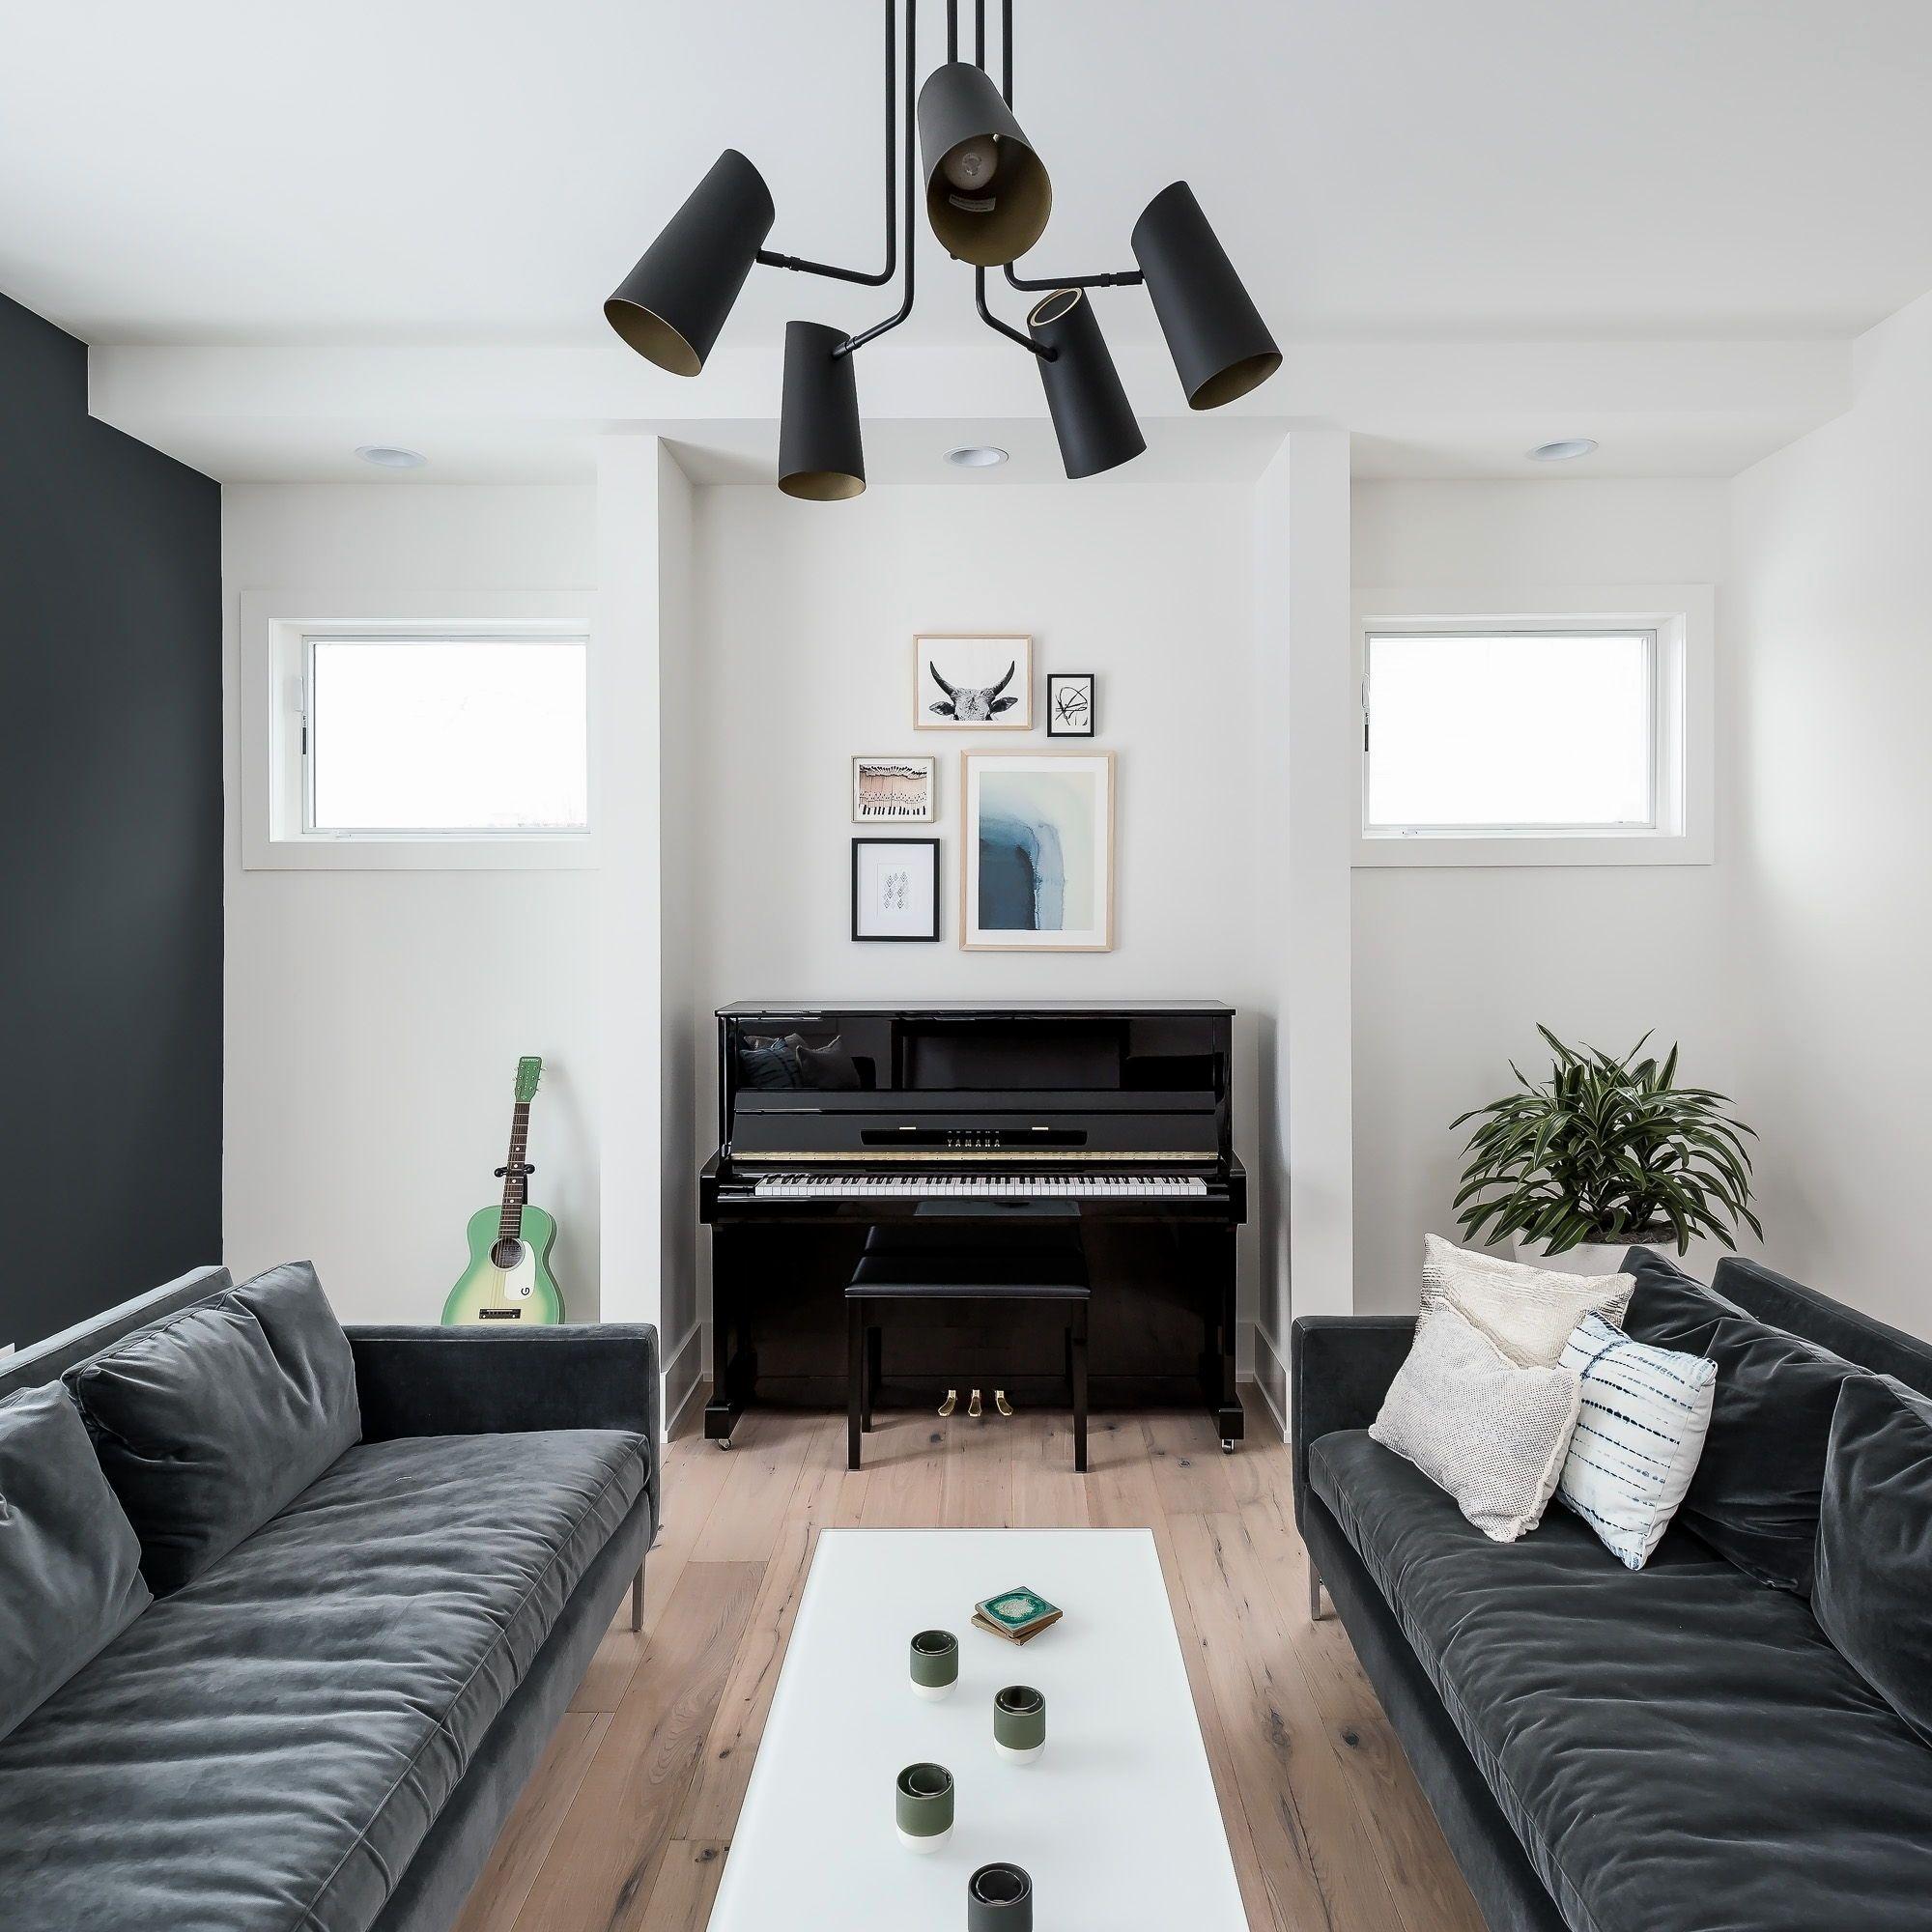 Pin by spekinskaya.leonida on Home decor in 2020 Black